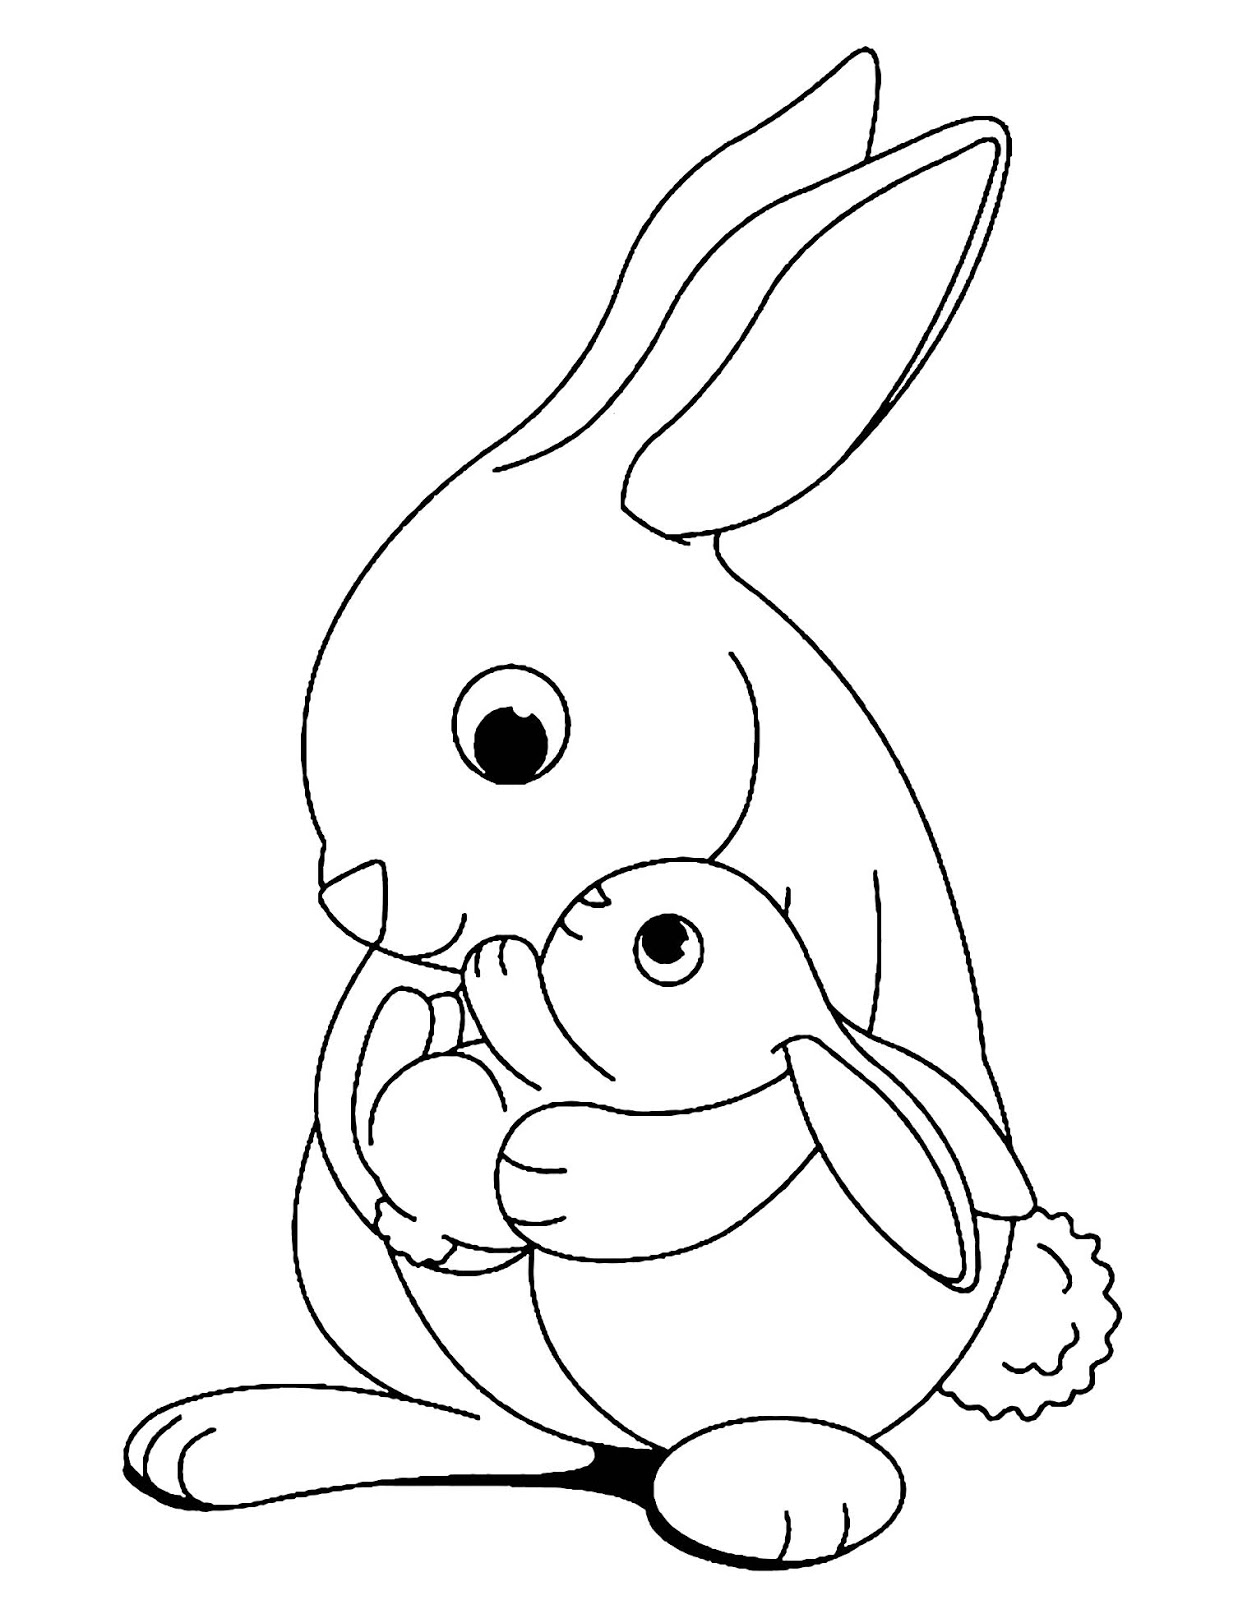 Tranh tô màu thỏ mẹ âu yếm thỏ con